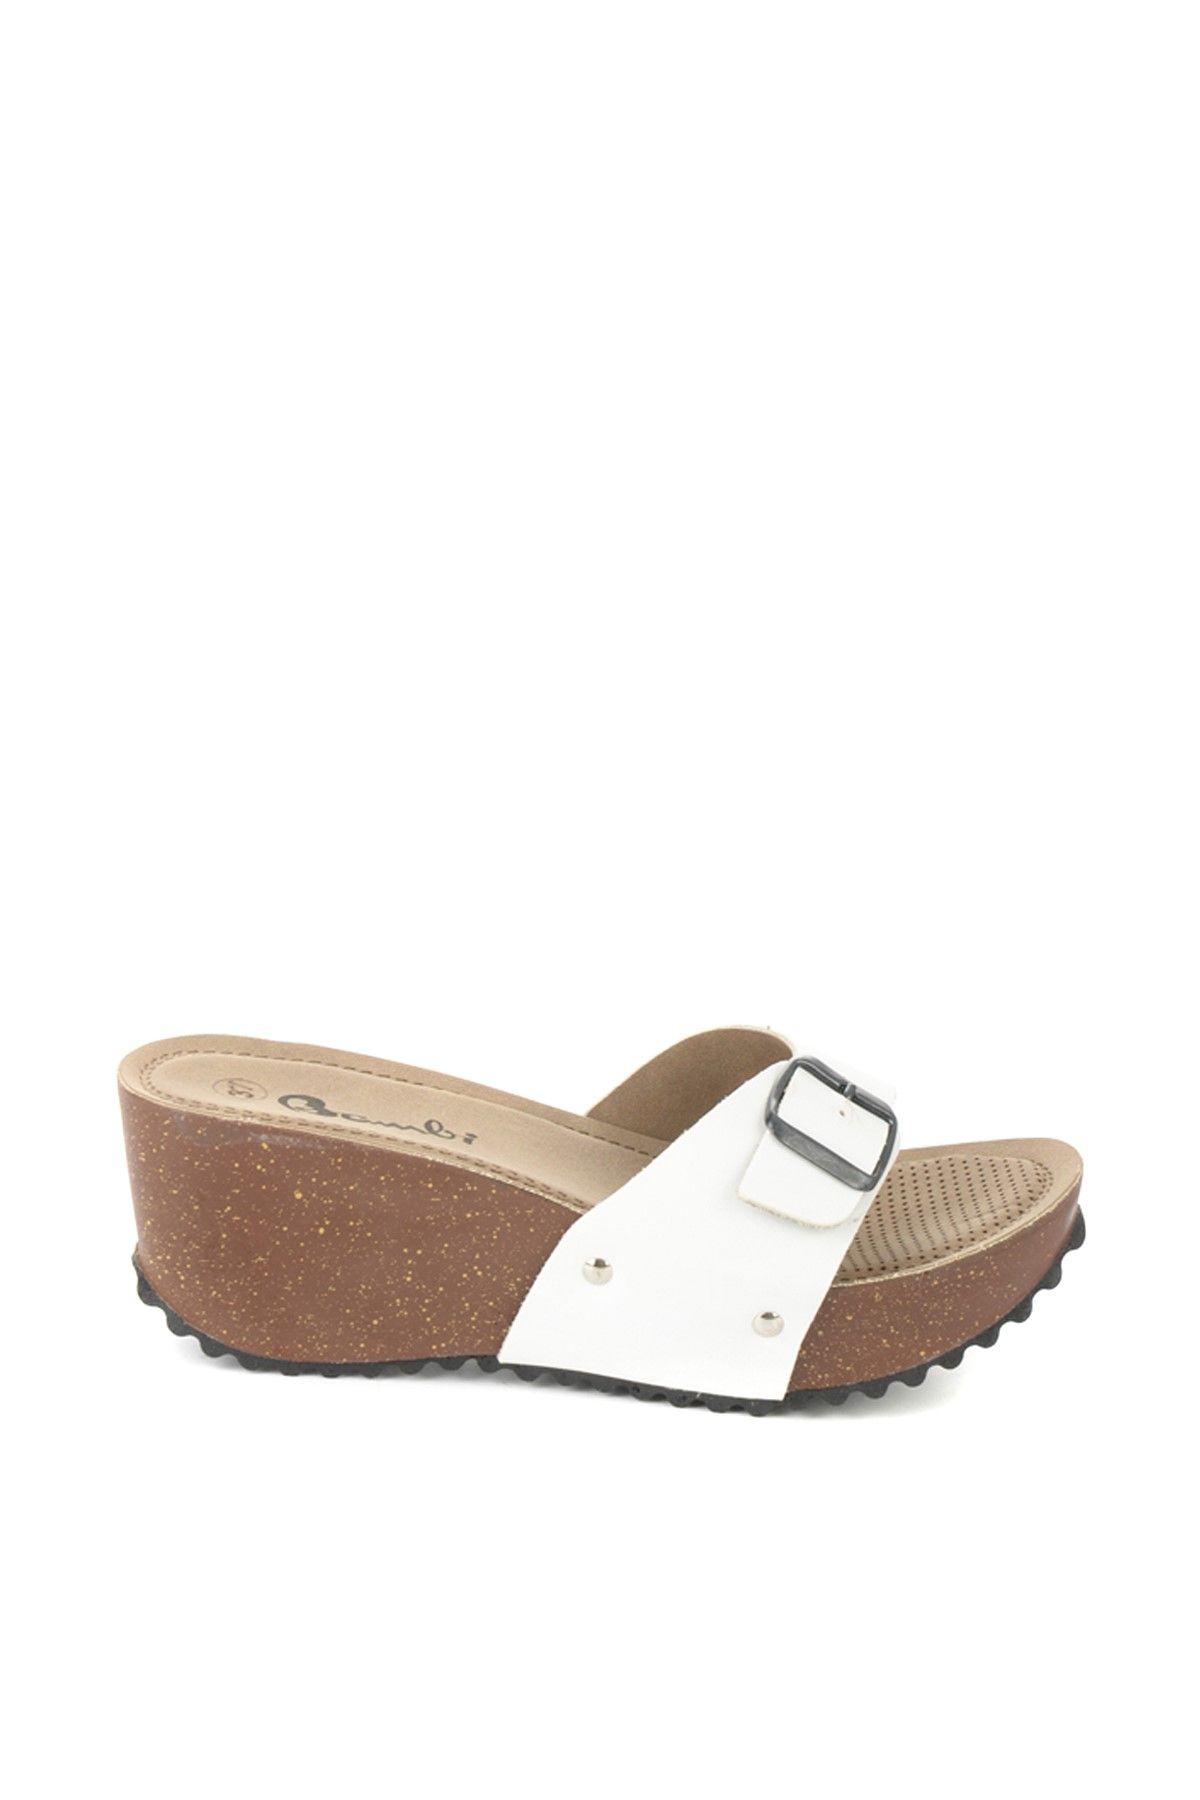 Beyaz Terlik B0803279109 Terlik Trendler Ayakkabilar